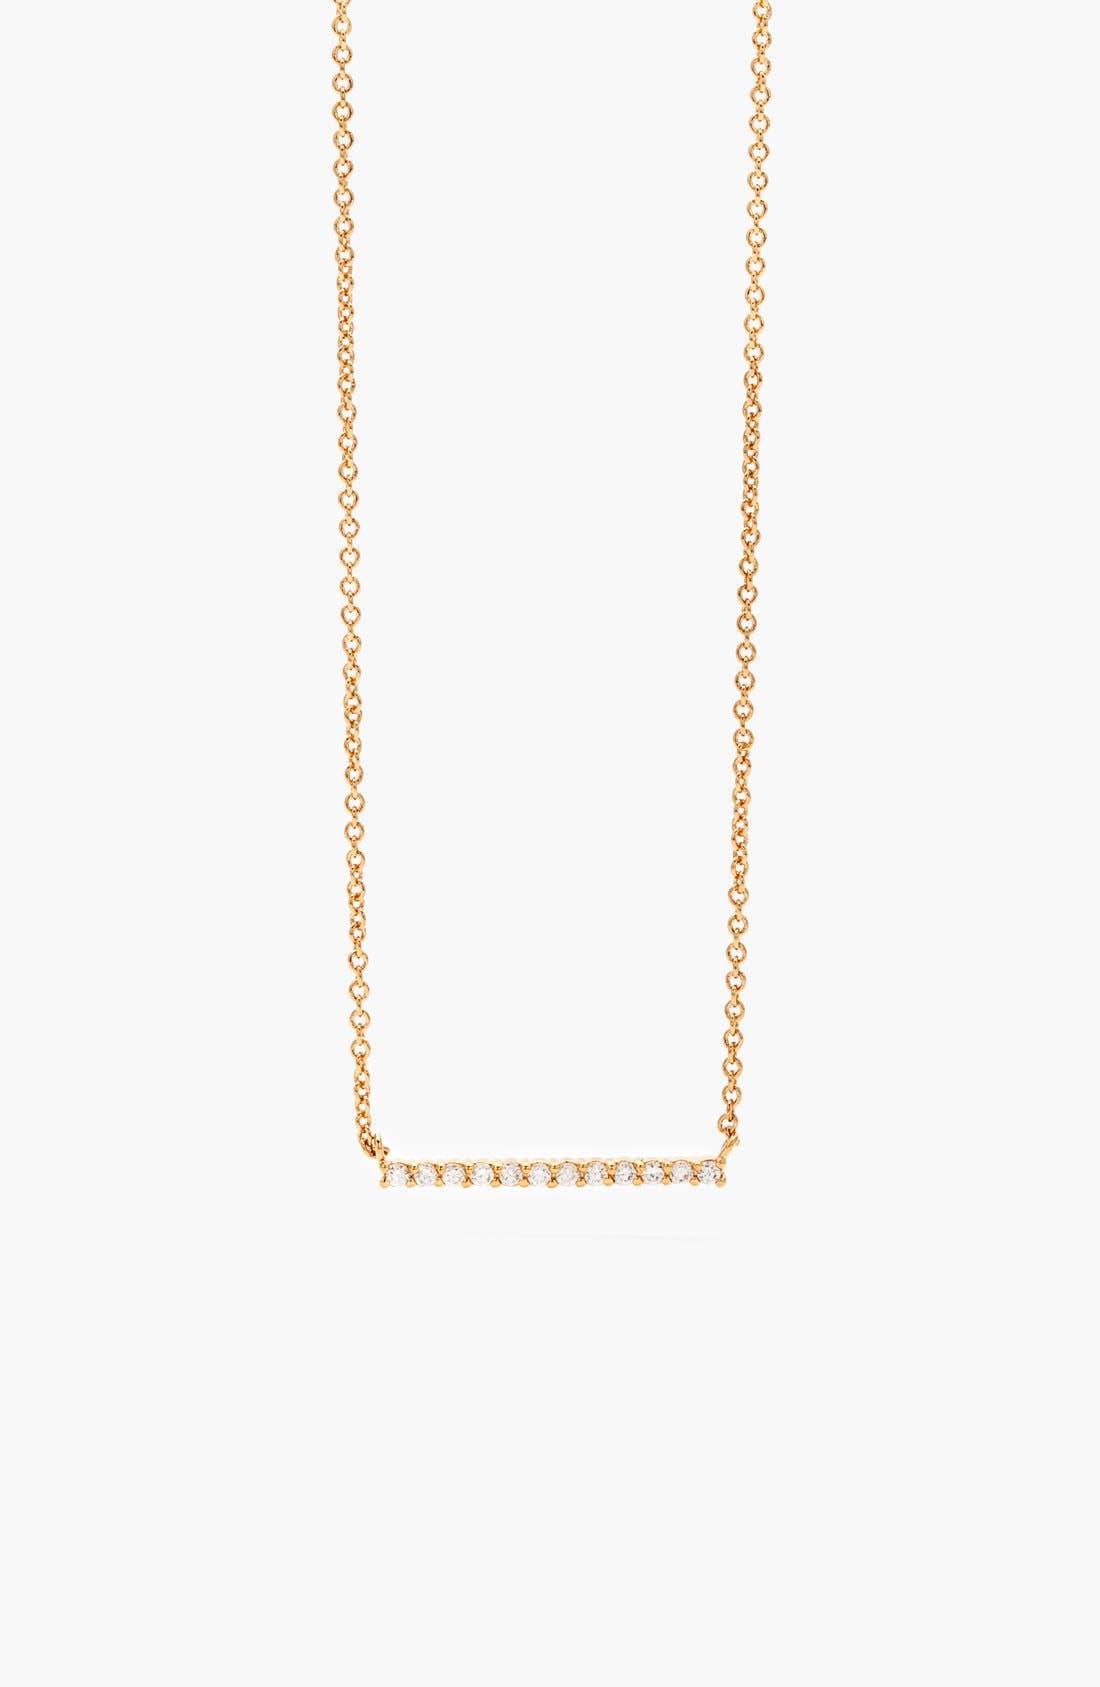 Alternate Image 1 Selected - gorjana 'Knox' Pavé Bar Necklace